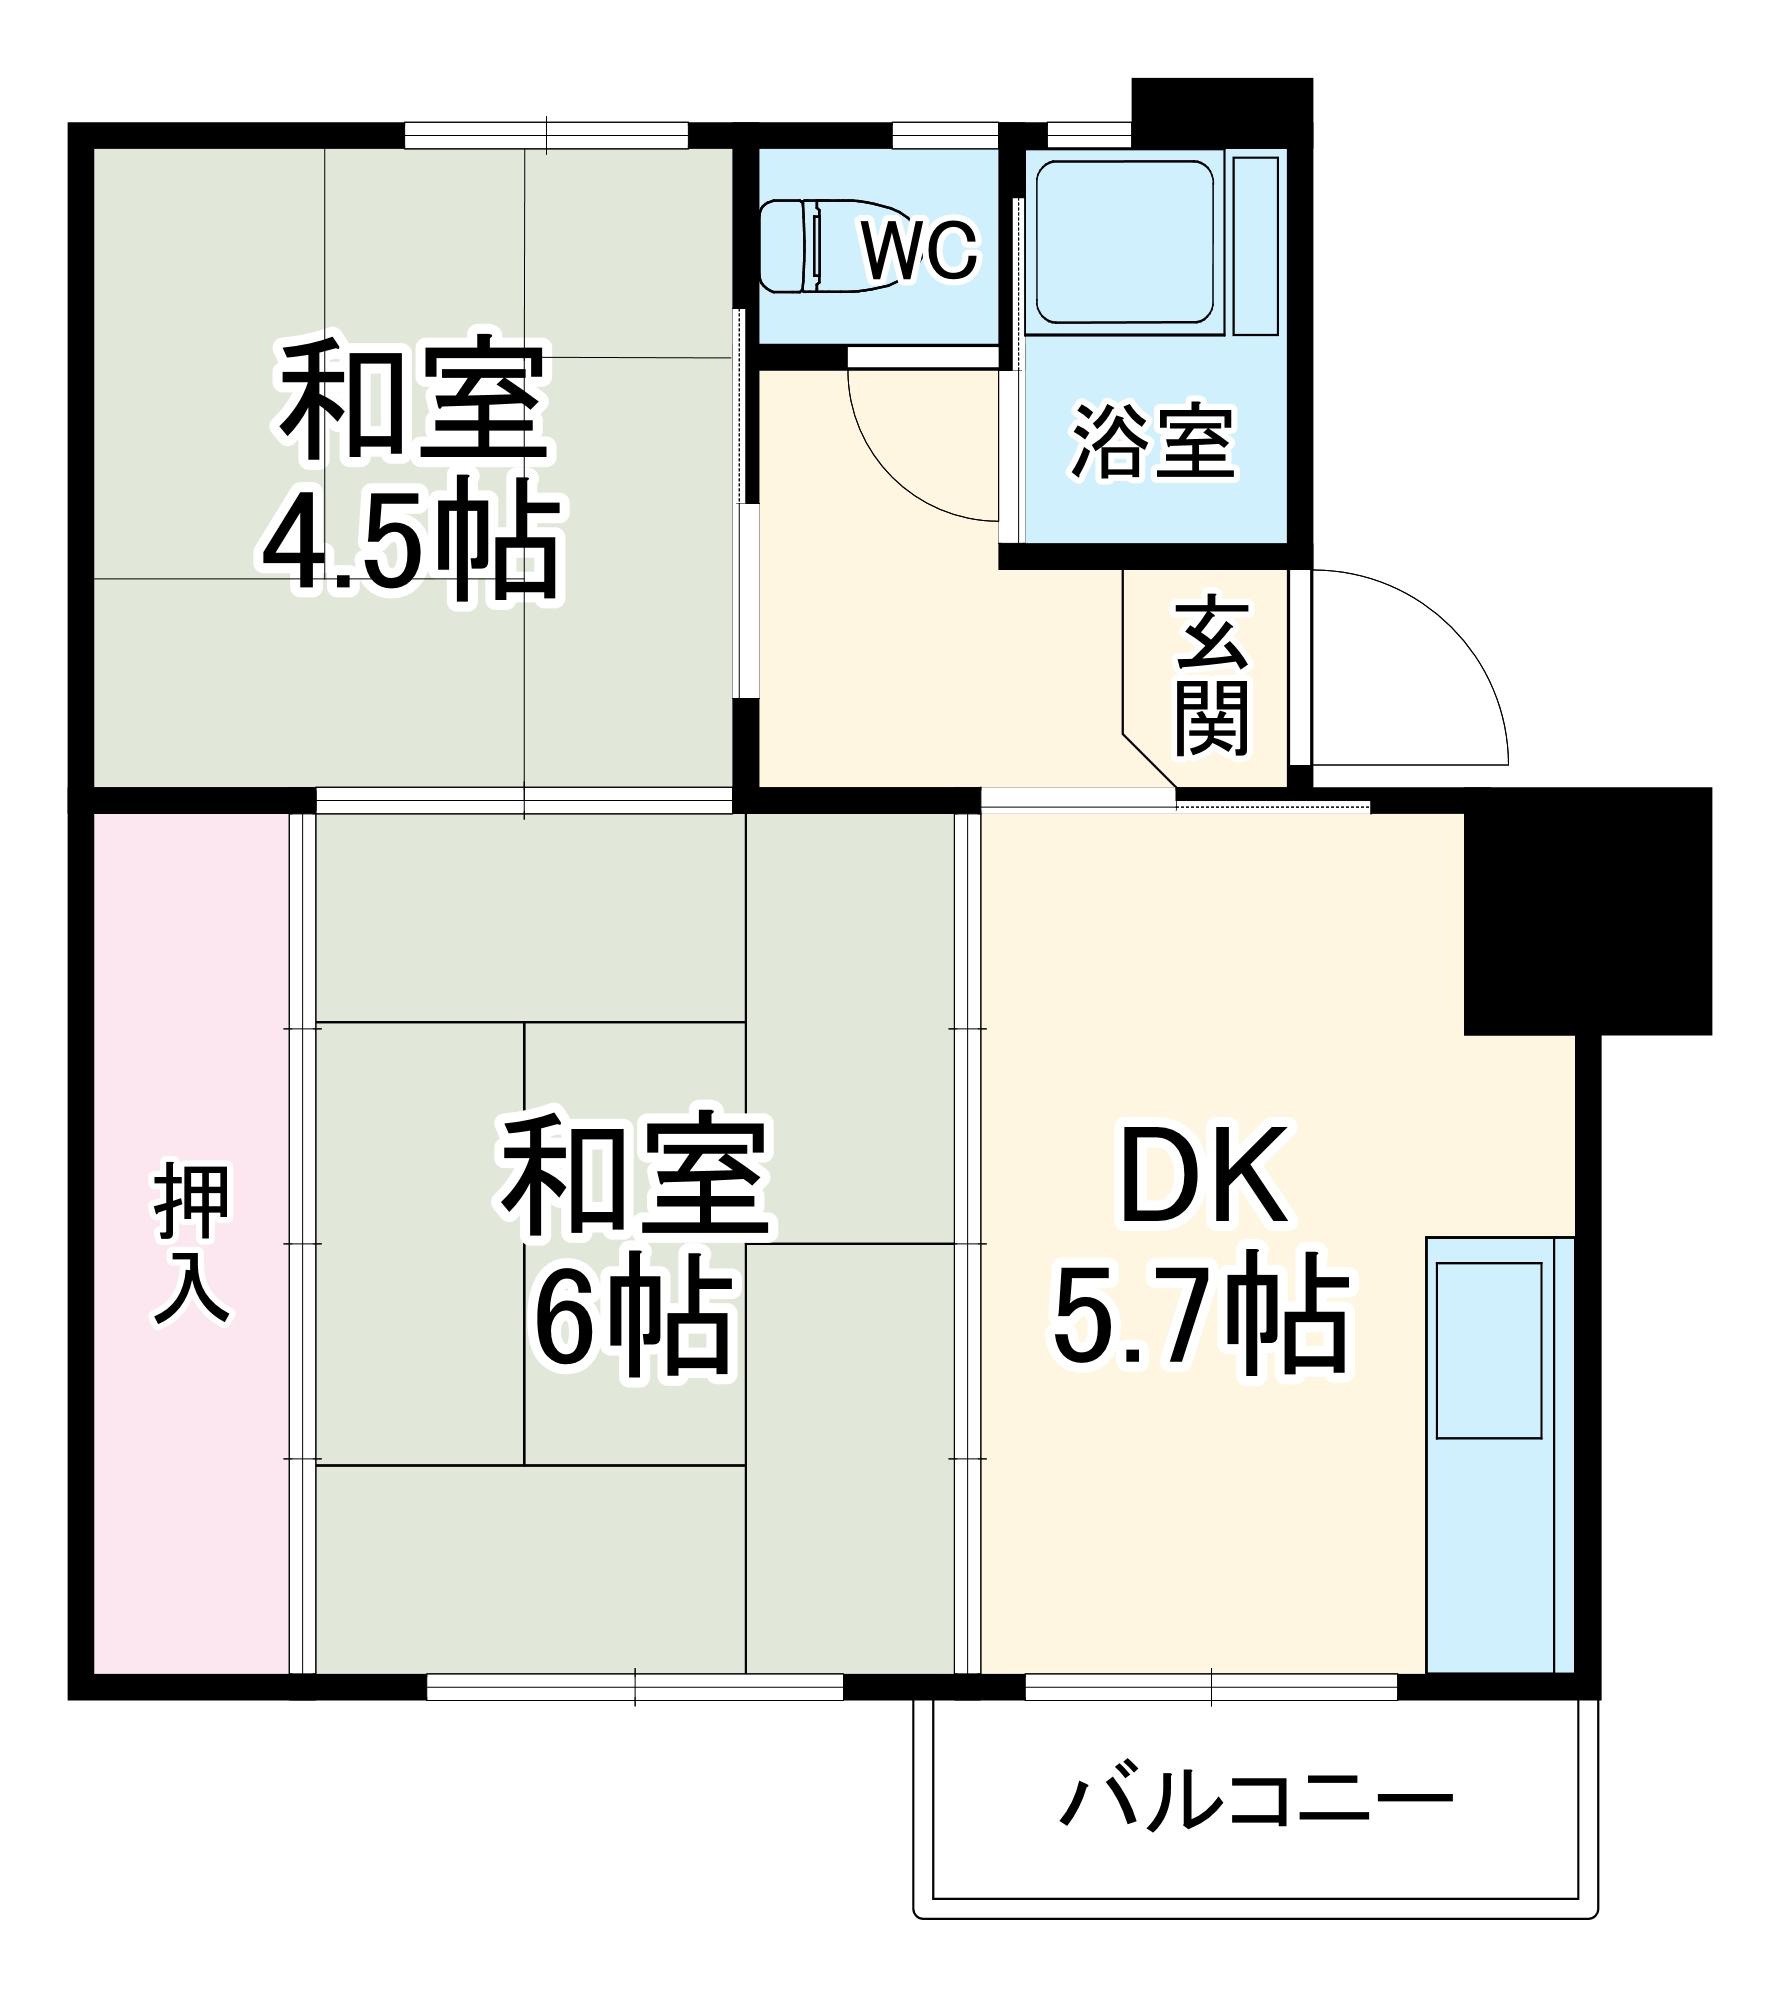 浦賀共同住宅団地2号棟・223号室の間取り